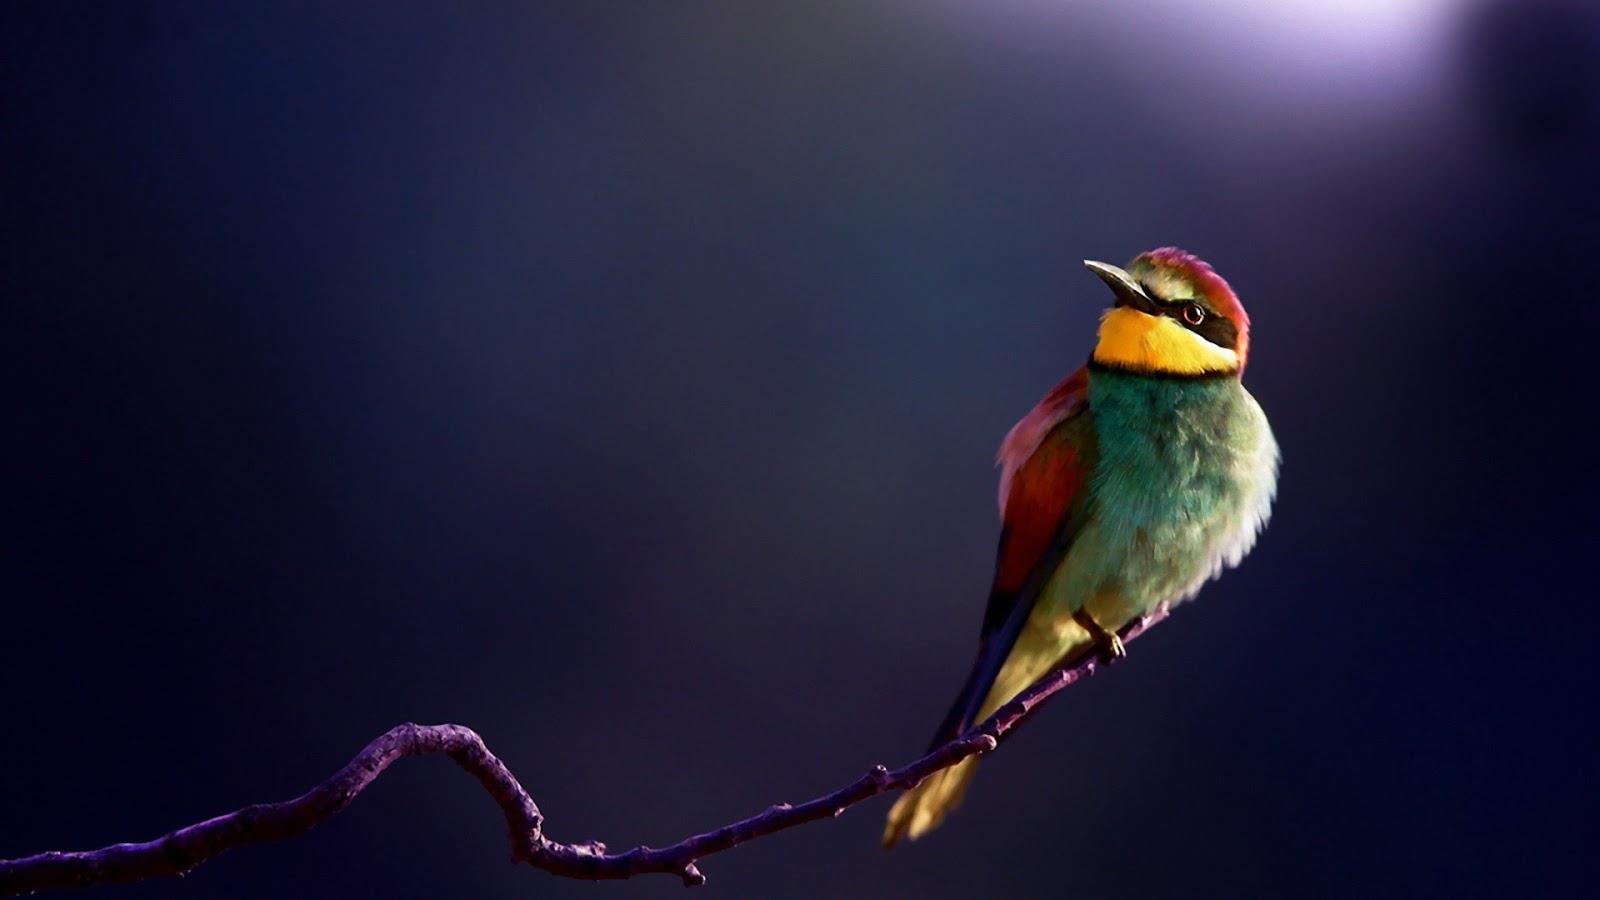 colorful hd birds wallpapersbirdscute birds hd 1600x900